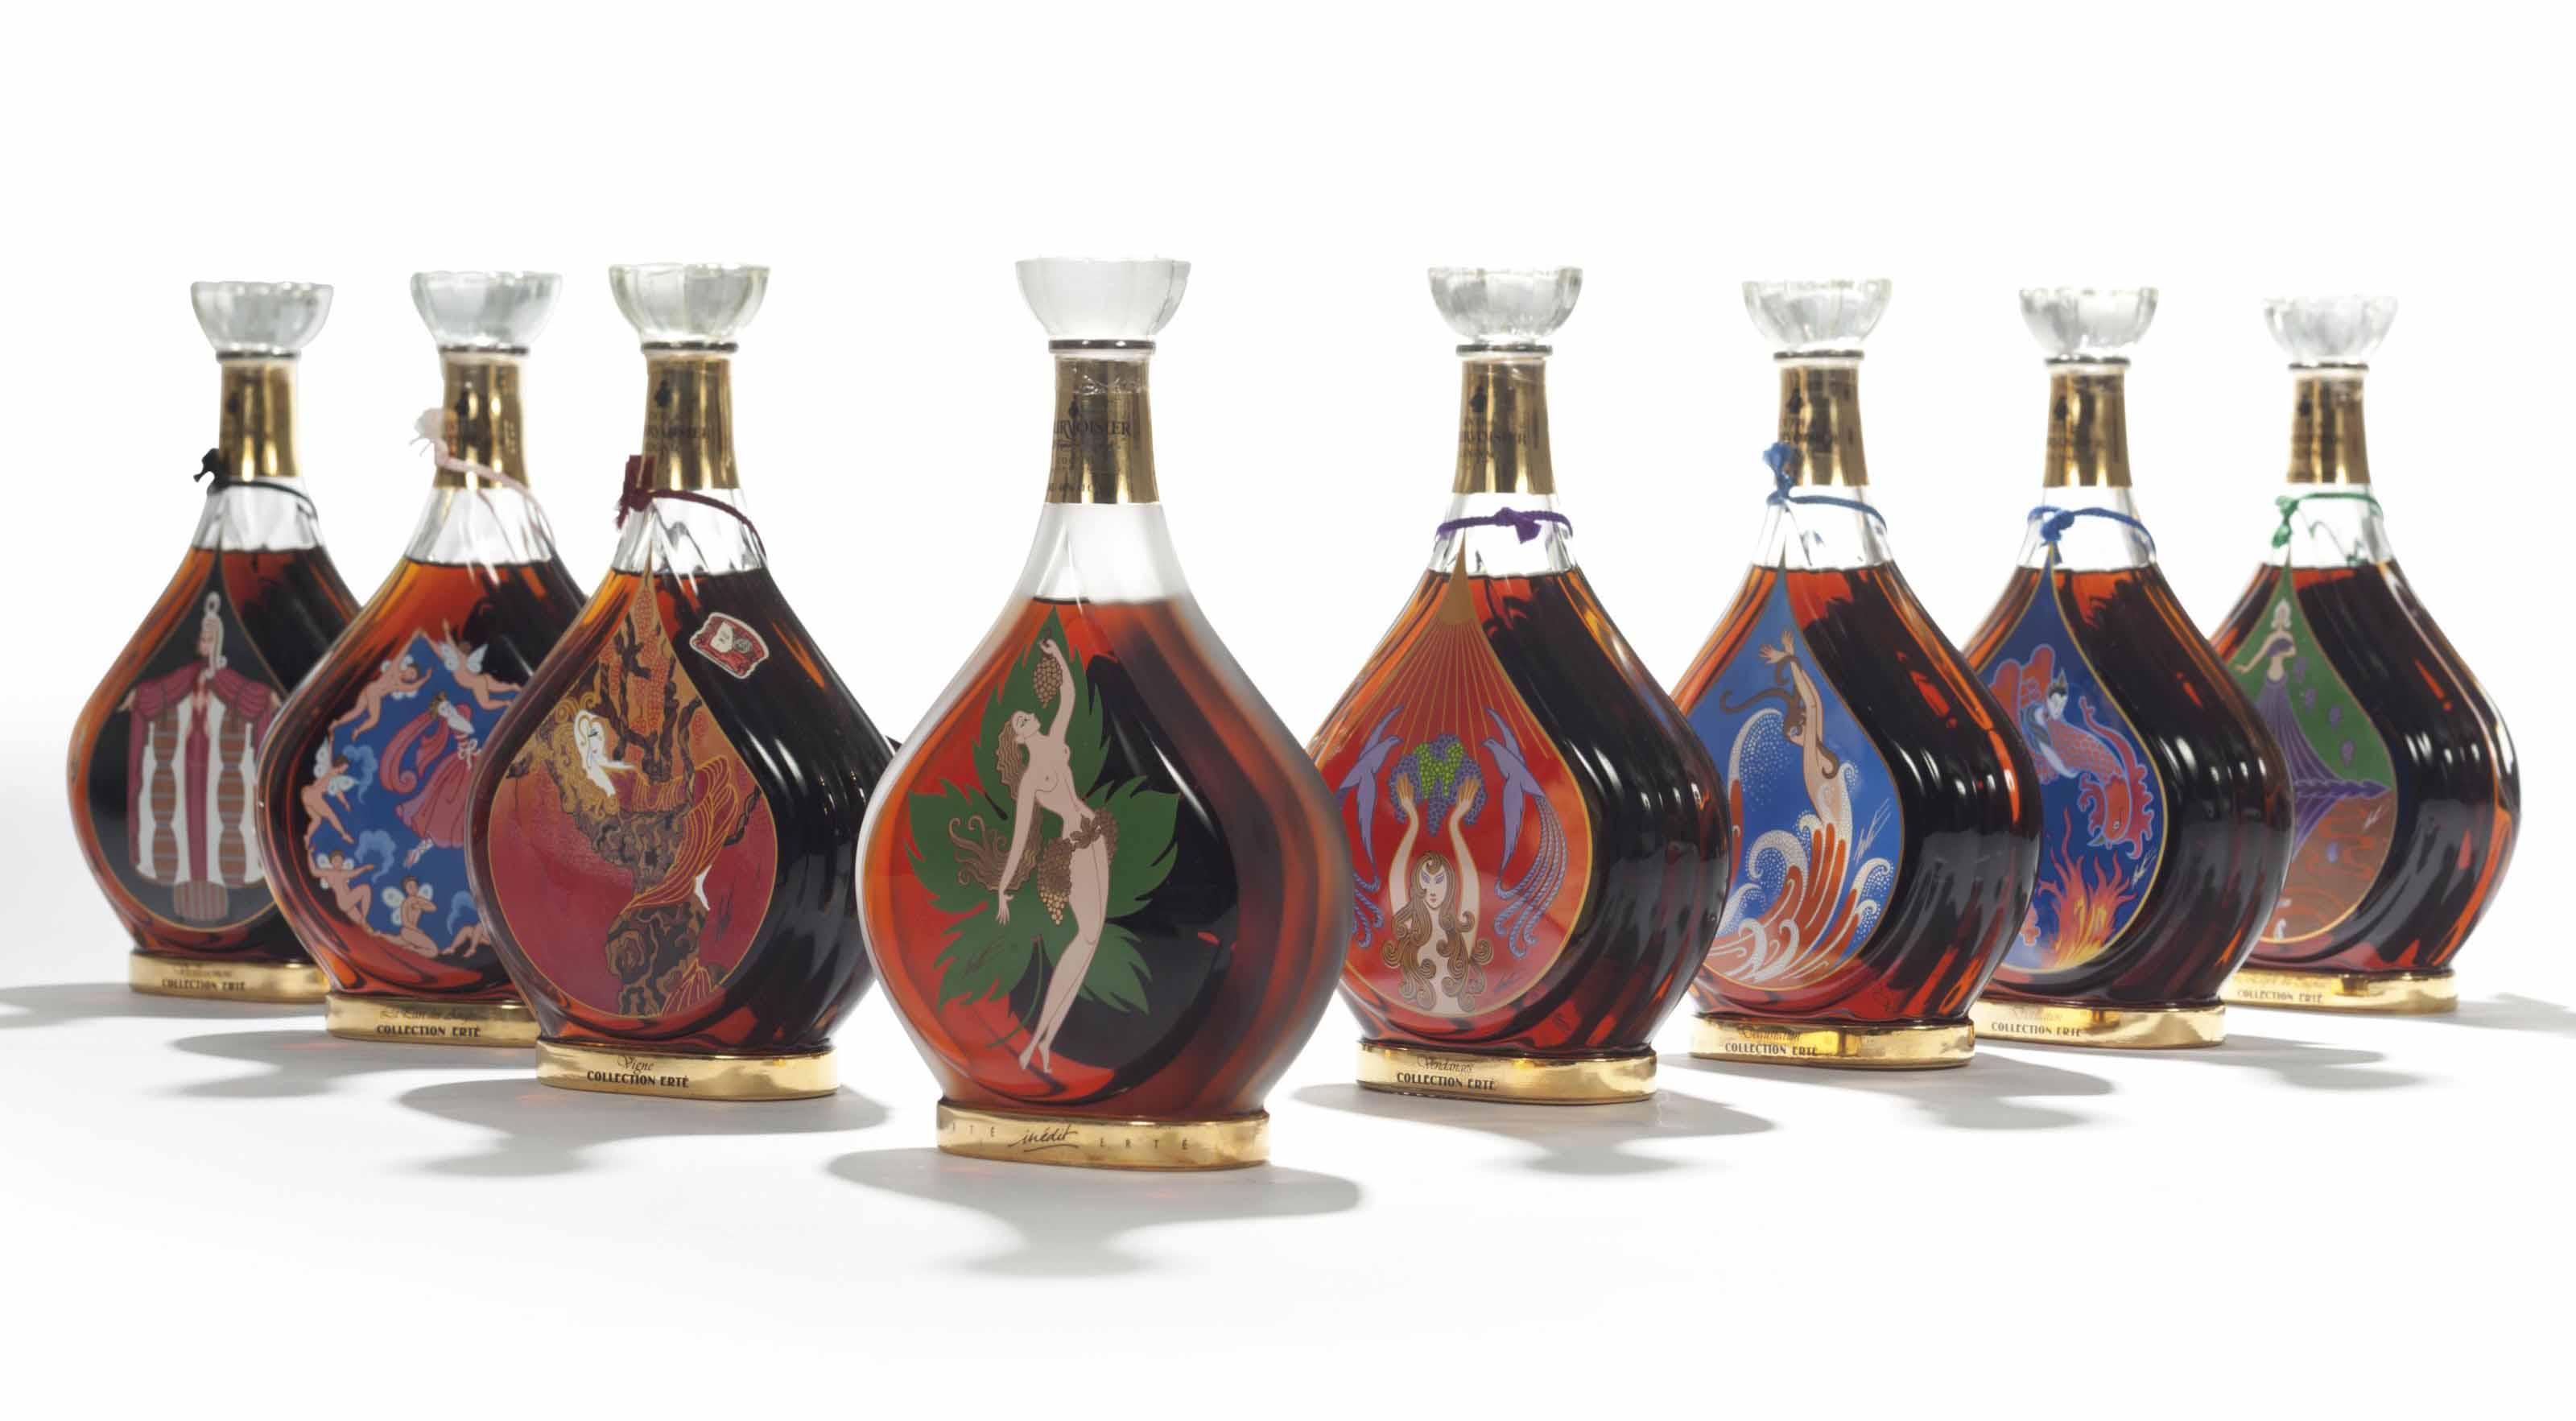 Erté Collection by Courvoisier No. 1 Vigne  (1) No. 2 Vendages  (1) No. 3 Distillation  (1) No. 4 Vieillissement  (1) No. 5 Dégustation  (1) No. 6 L'Esprit du Cognac  (1) No. 7 La Part des Anges  (1) No. 8 Inédit  (1)